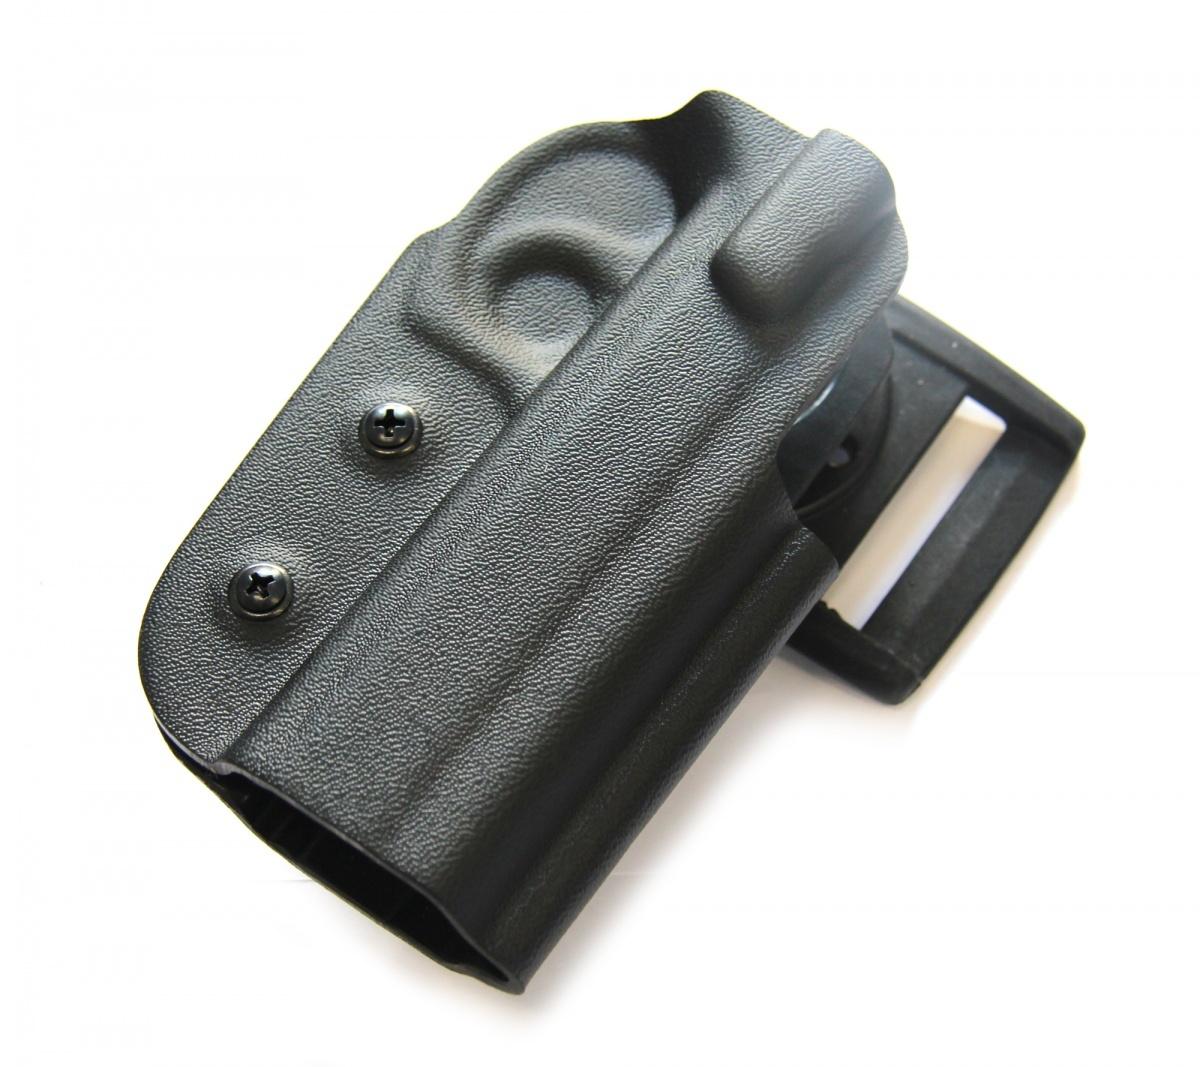 Кобура пластиковая для CZ-75 SP-01 Shadow с поясным креплением Стич Профи